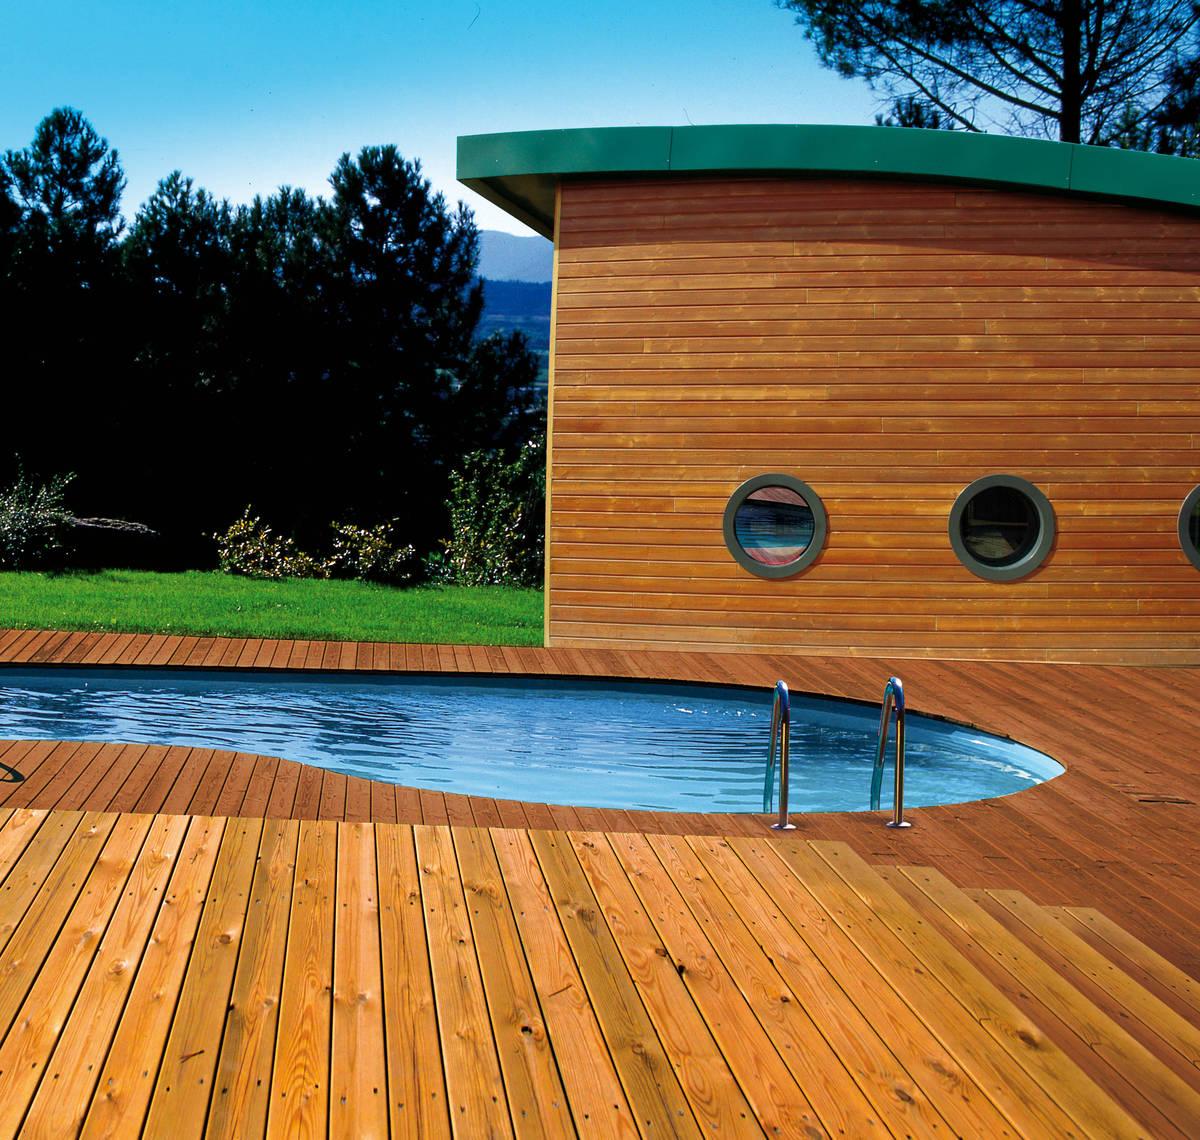 saturateur mat tous bois protext seau de 20 litres padouk mba bois et construction durable. Black Bedroom Furniture Sets. Home Design Ideas